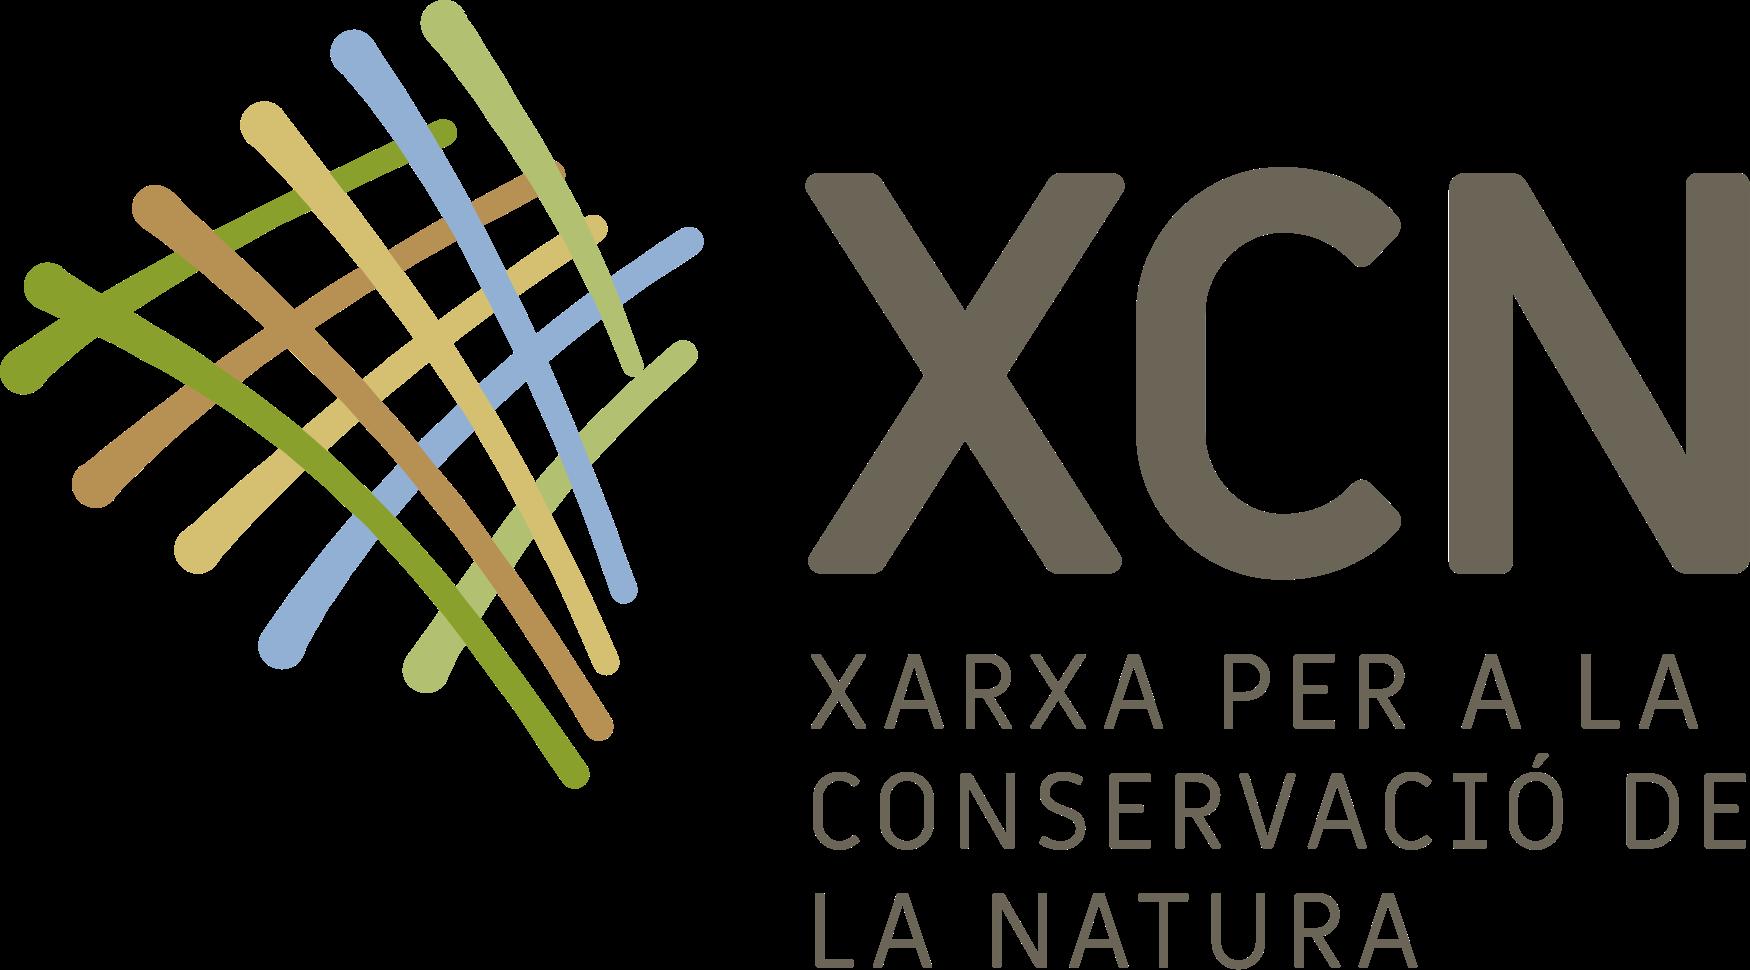 Xarxa per a la Conservació de la Natura